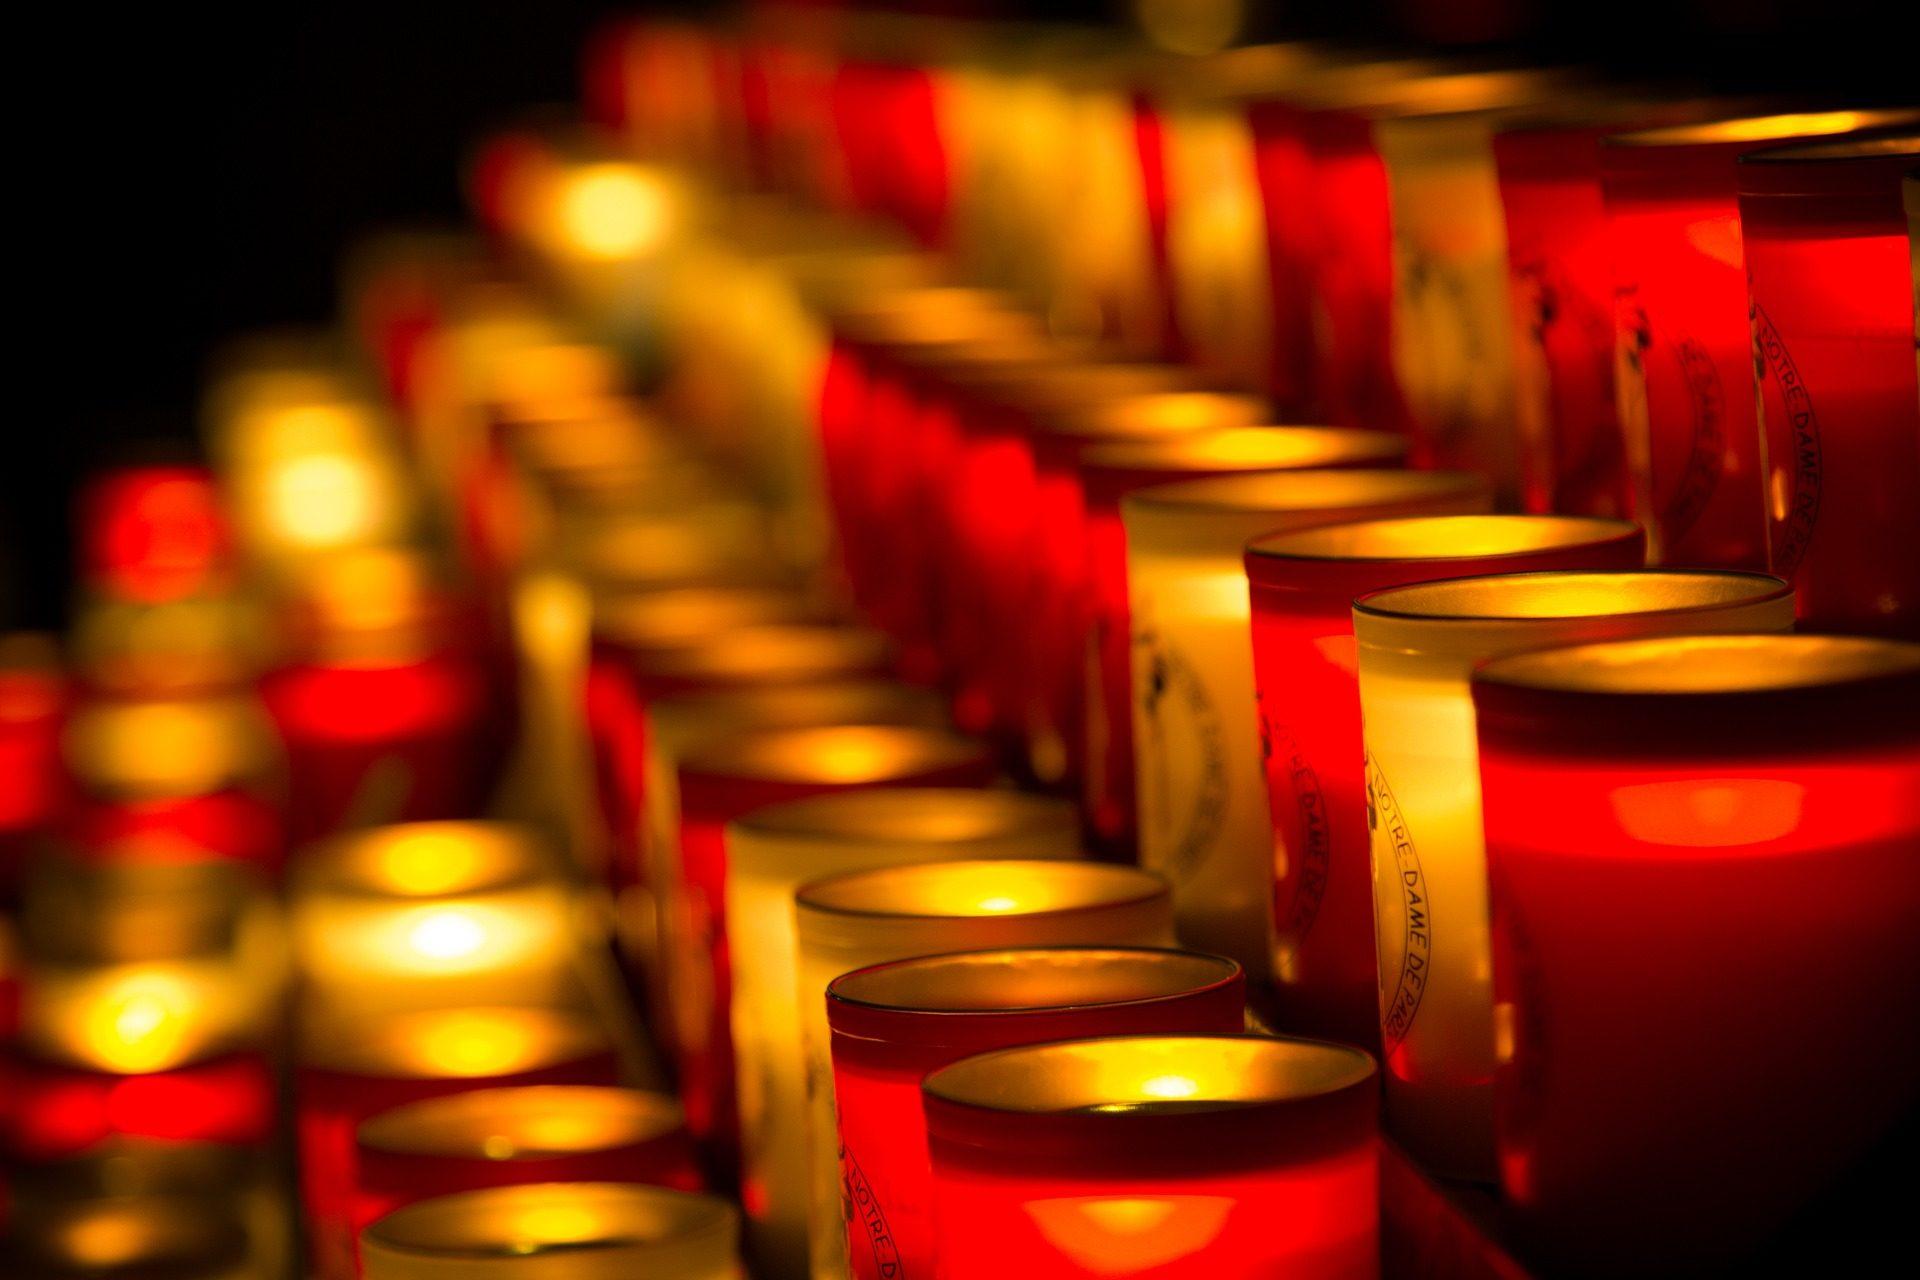 मोमबत्तियाँ, रोशनी, का वादा किया, अनुरोध, Notre Dame, पेरिस - HD वॉलपेपर - प्रोफेसर-falken.com